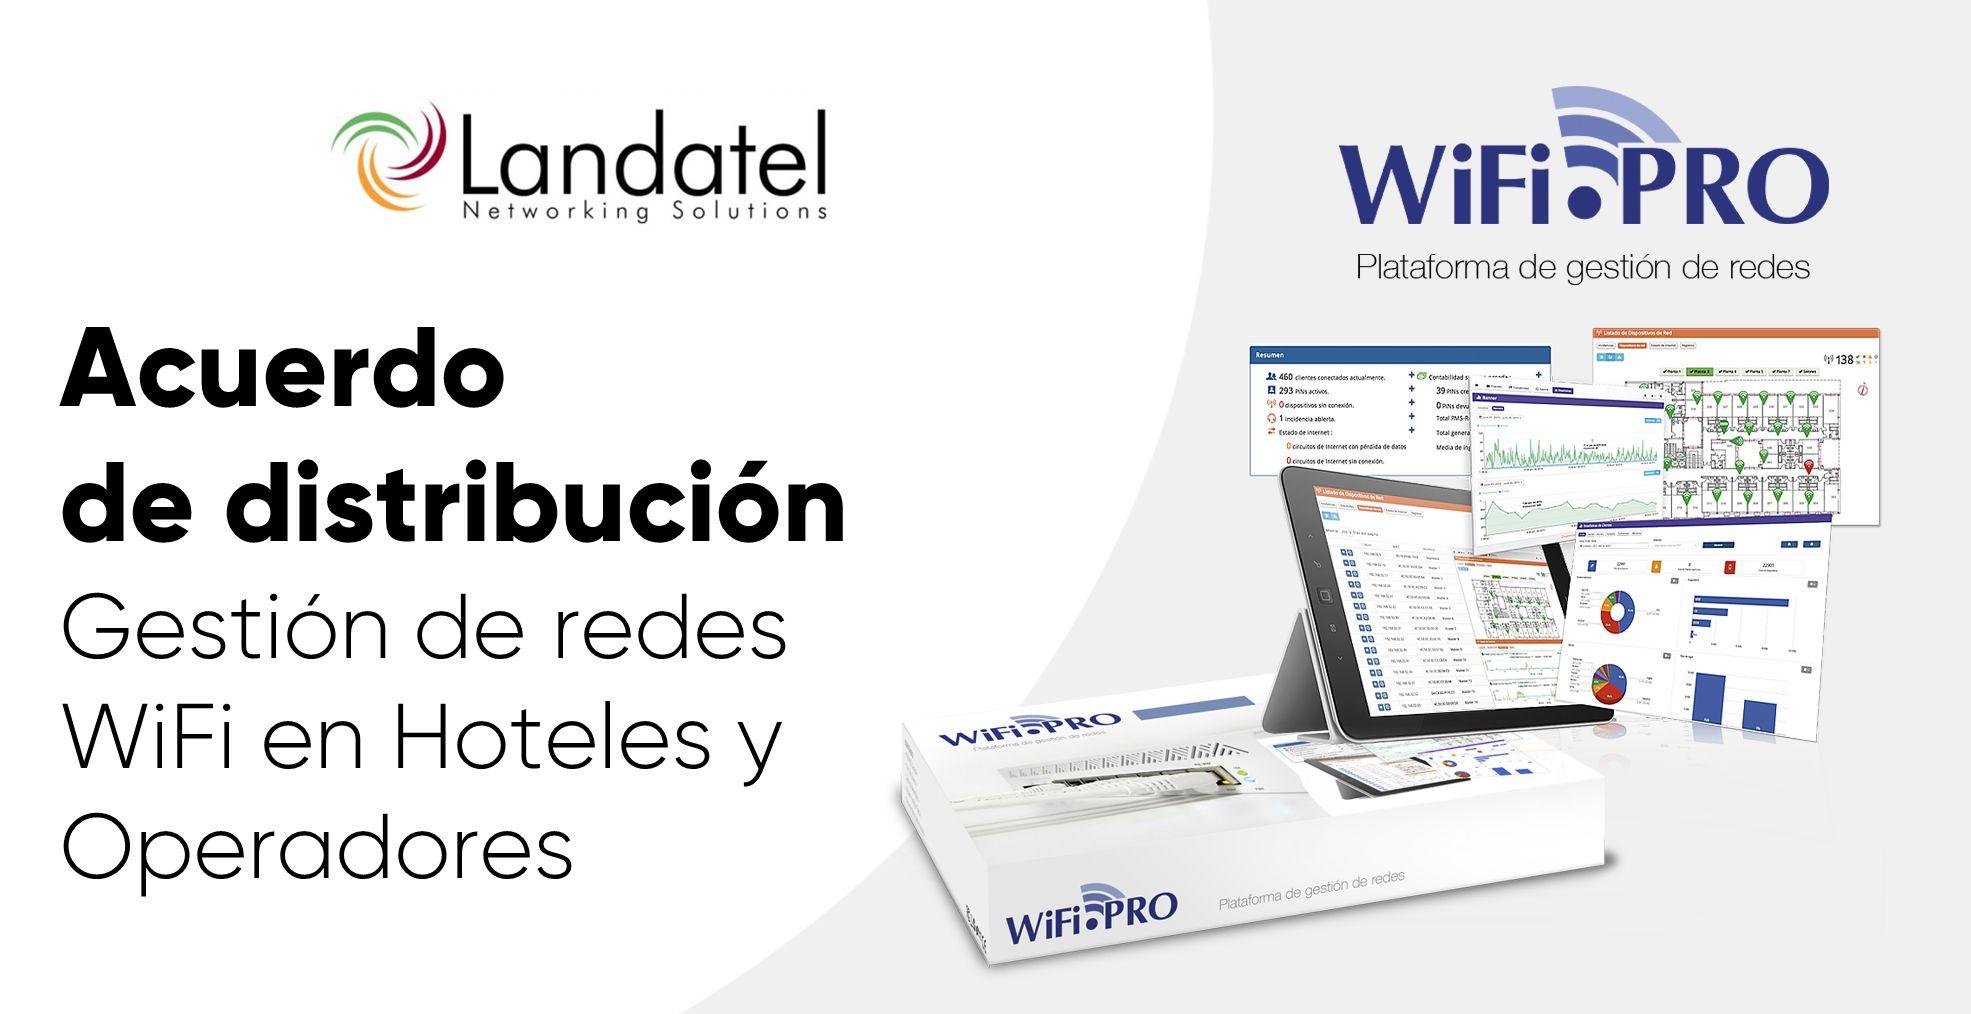 Fotografia Acuerdo Landatel WiFi.PRO